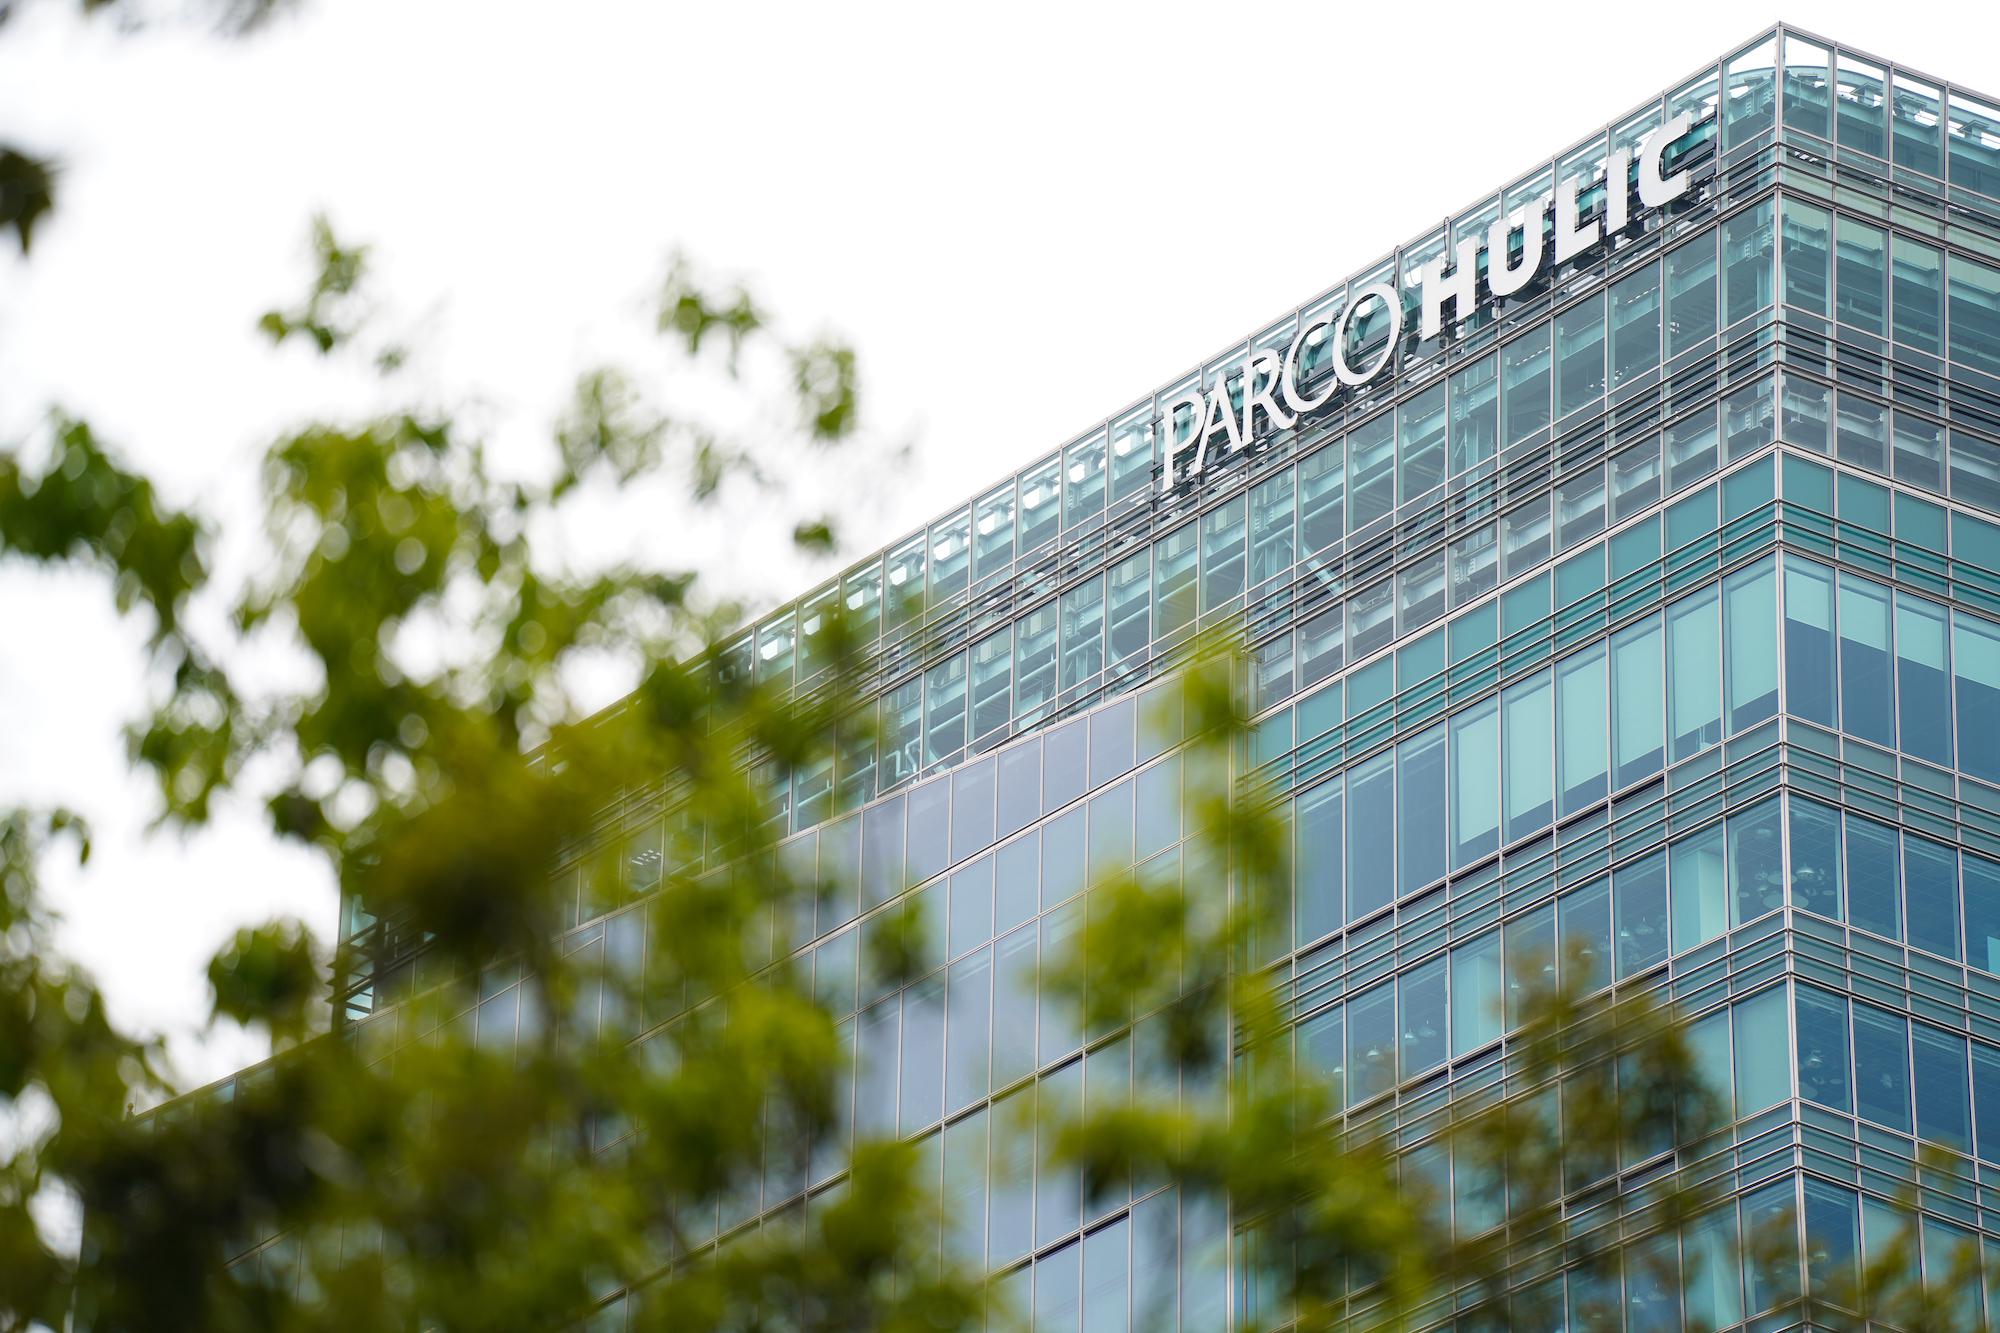 PARCO 渋谷(東京)2020年5月